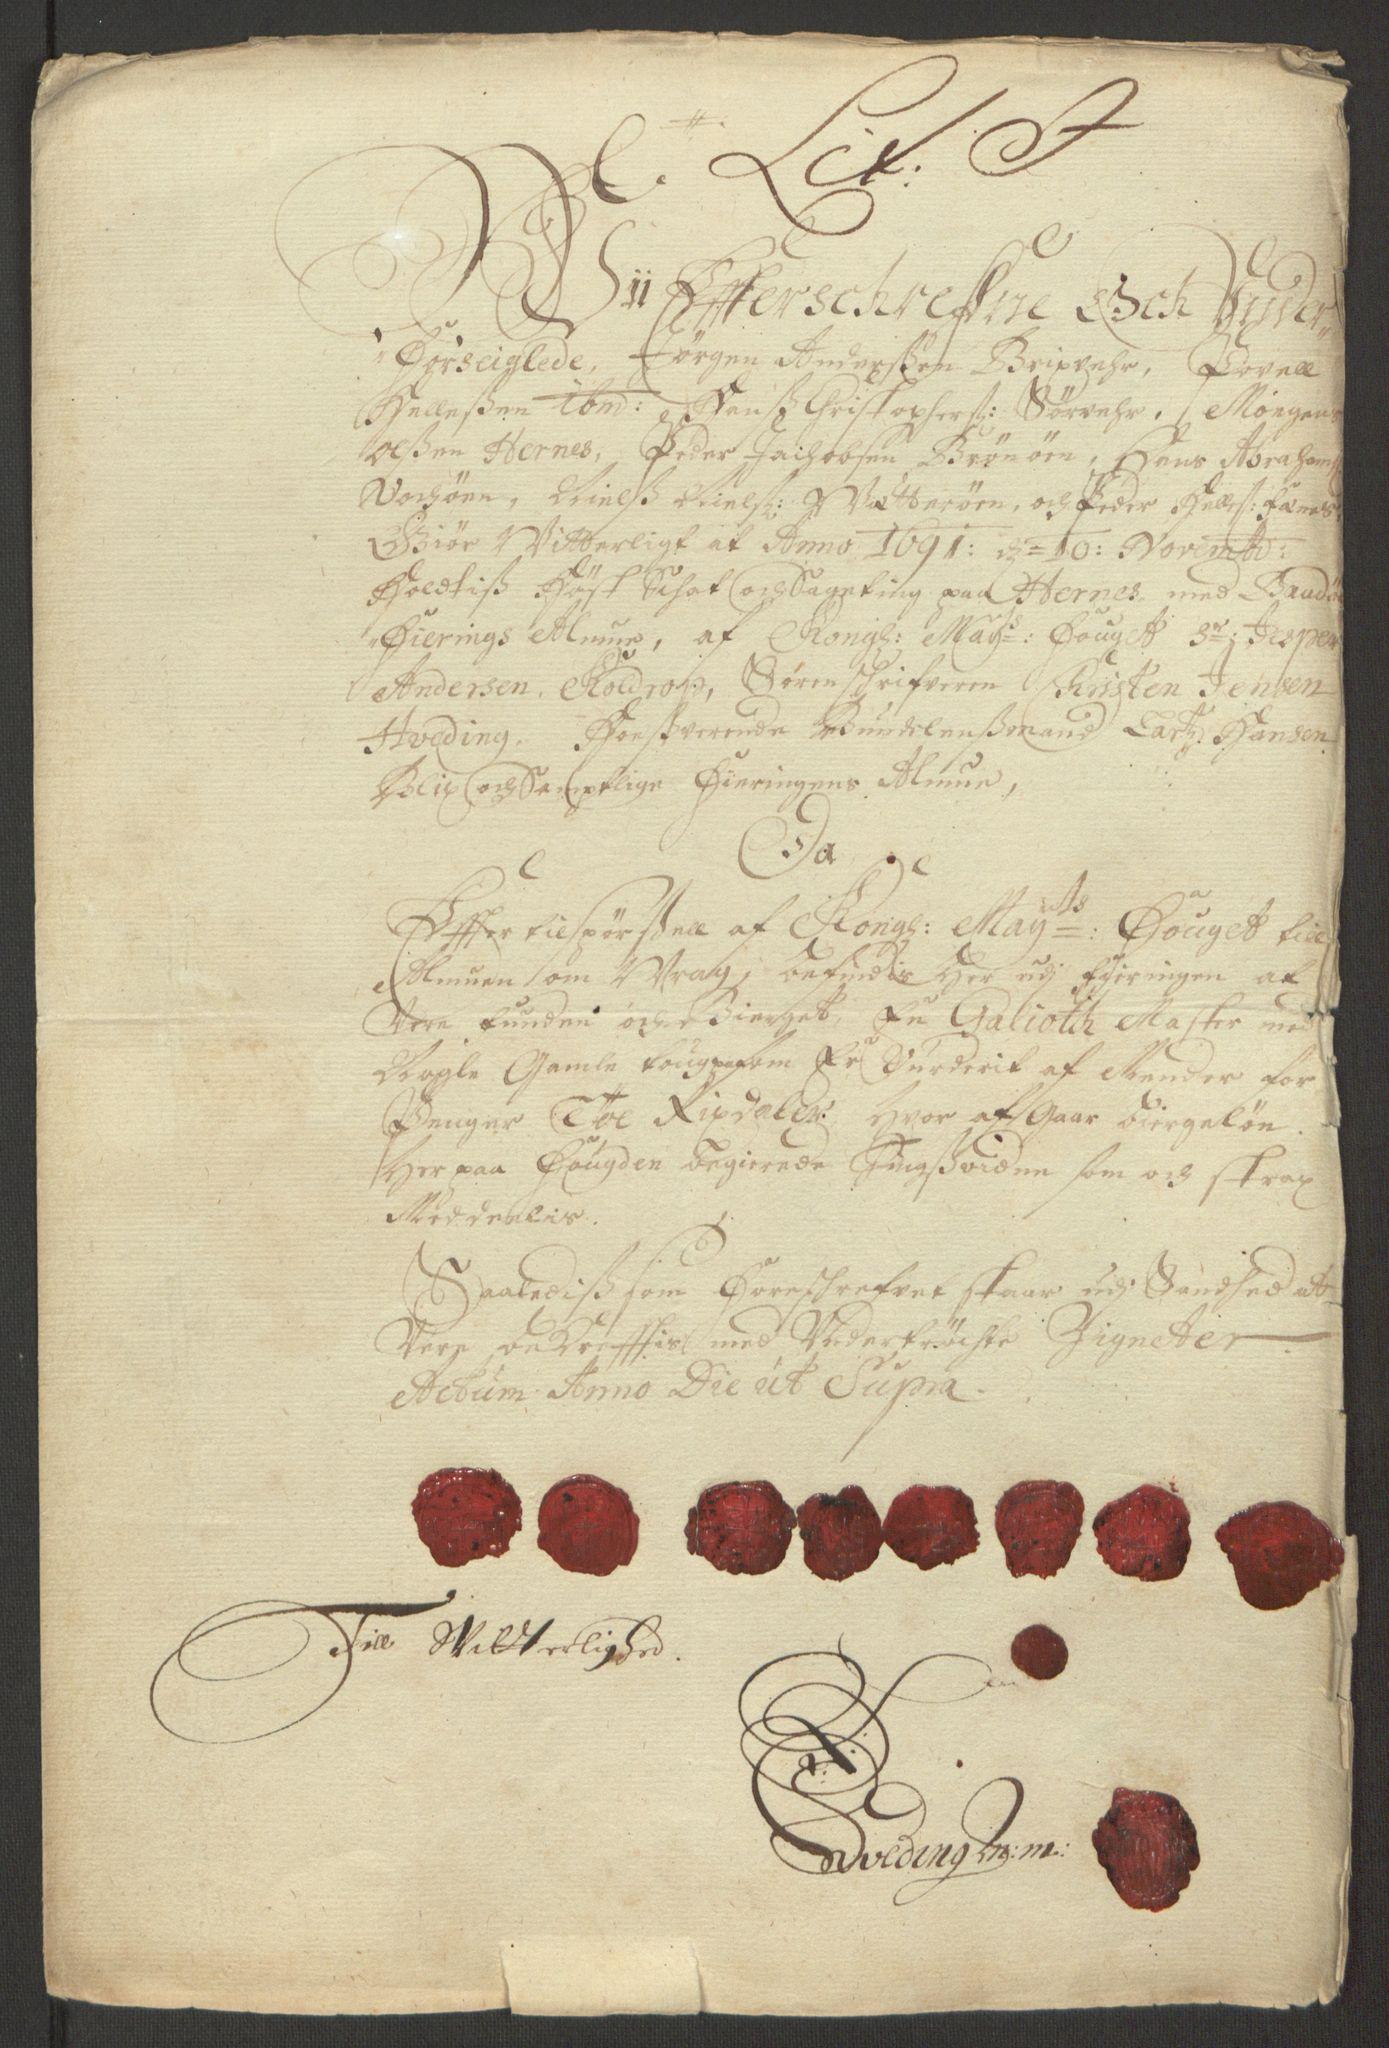 RA, Rentekammeret inntil 1814, Reviderte regnskaper, Fogderegnskap, R66/L4577: Fogderegnskap Salten, 1691-1693, s. 106